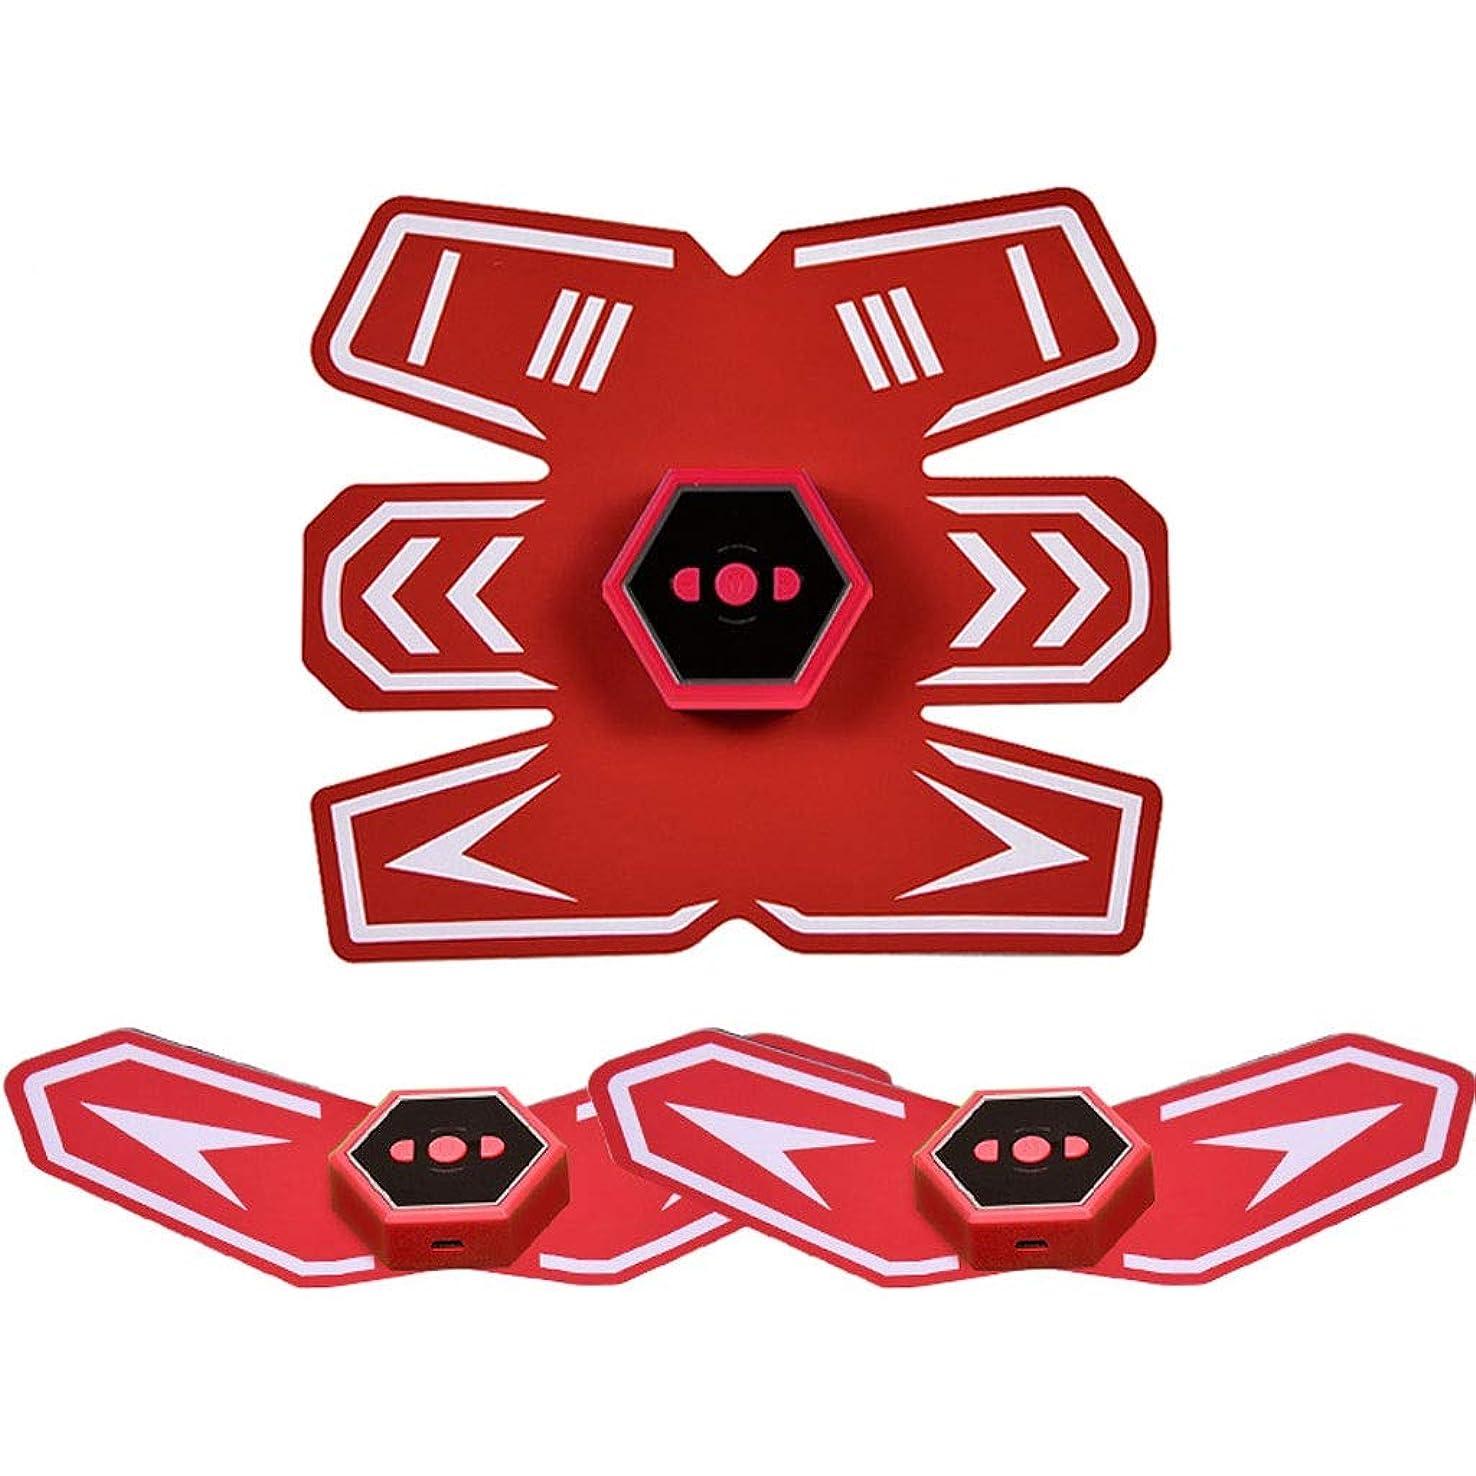 スマートベルト腹部楽器筋肉ペースト男性と女性の筋肉腹部怠惰な腹部筋肉フィットネス機器とインテリジェント音声放送&USB充電 (Color : Red)